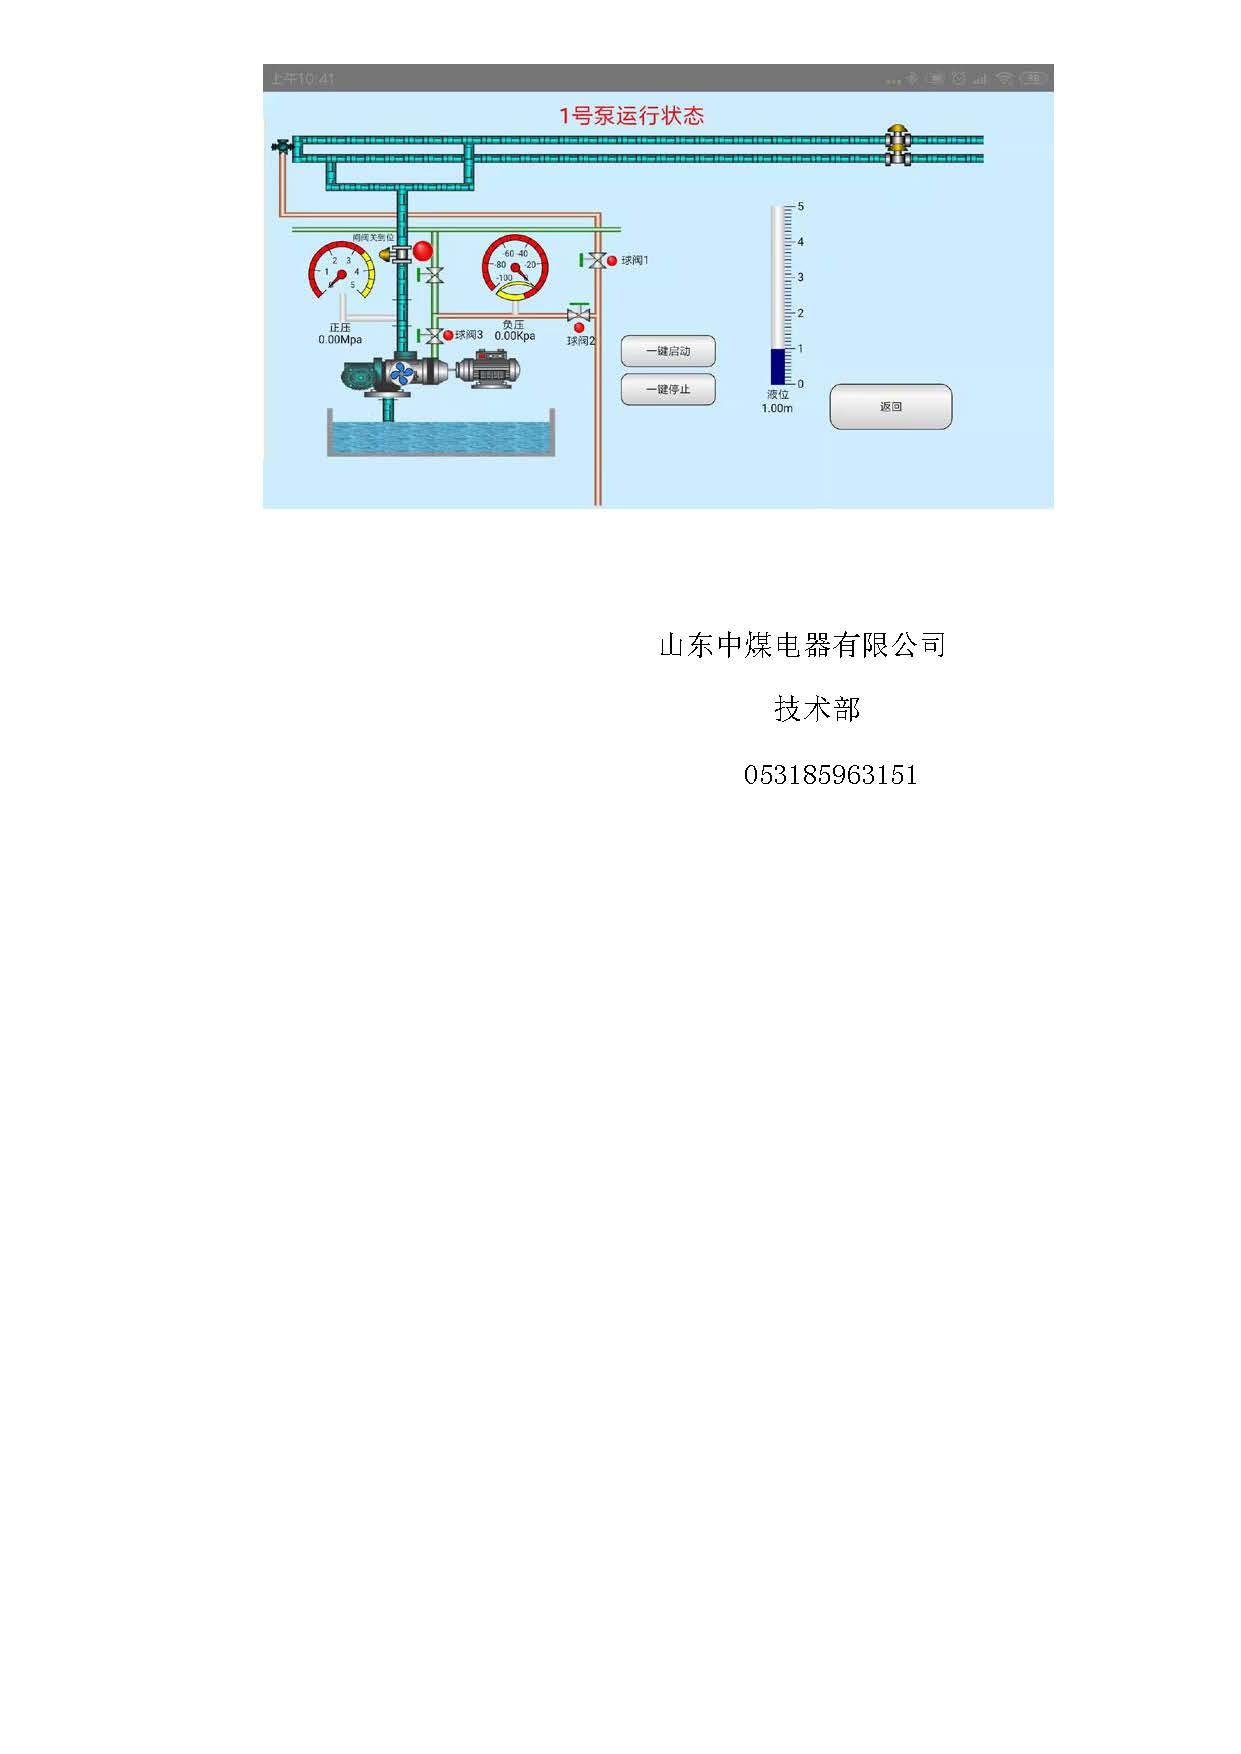 矿用排水系统手机APP